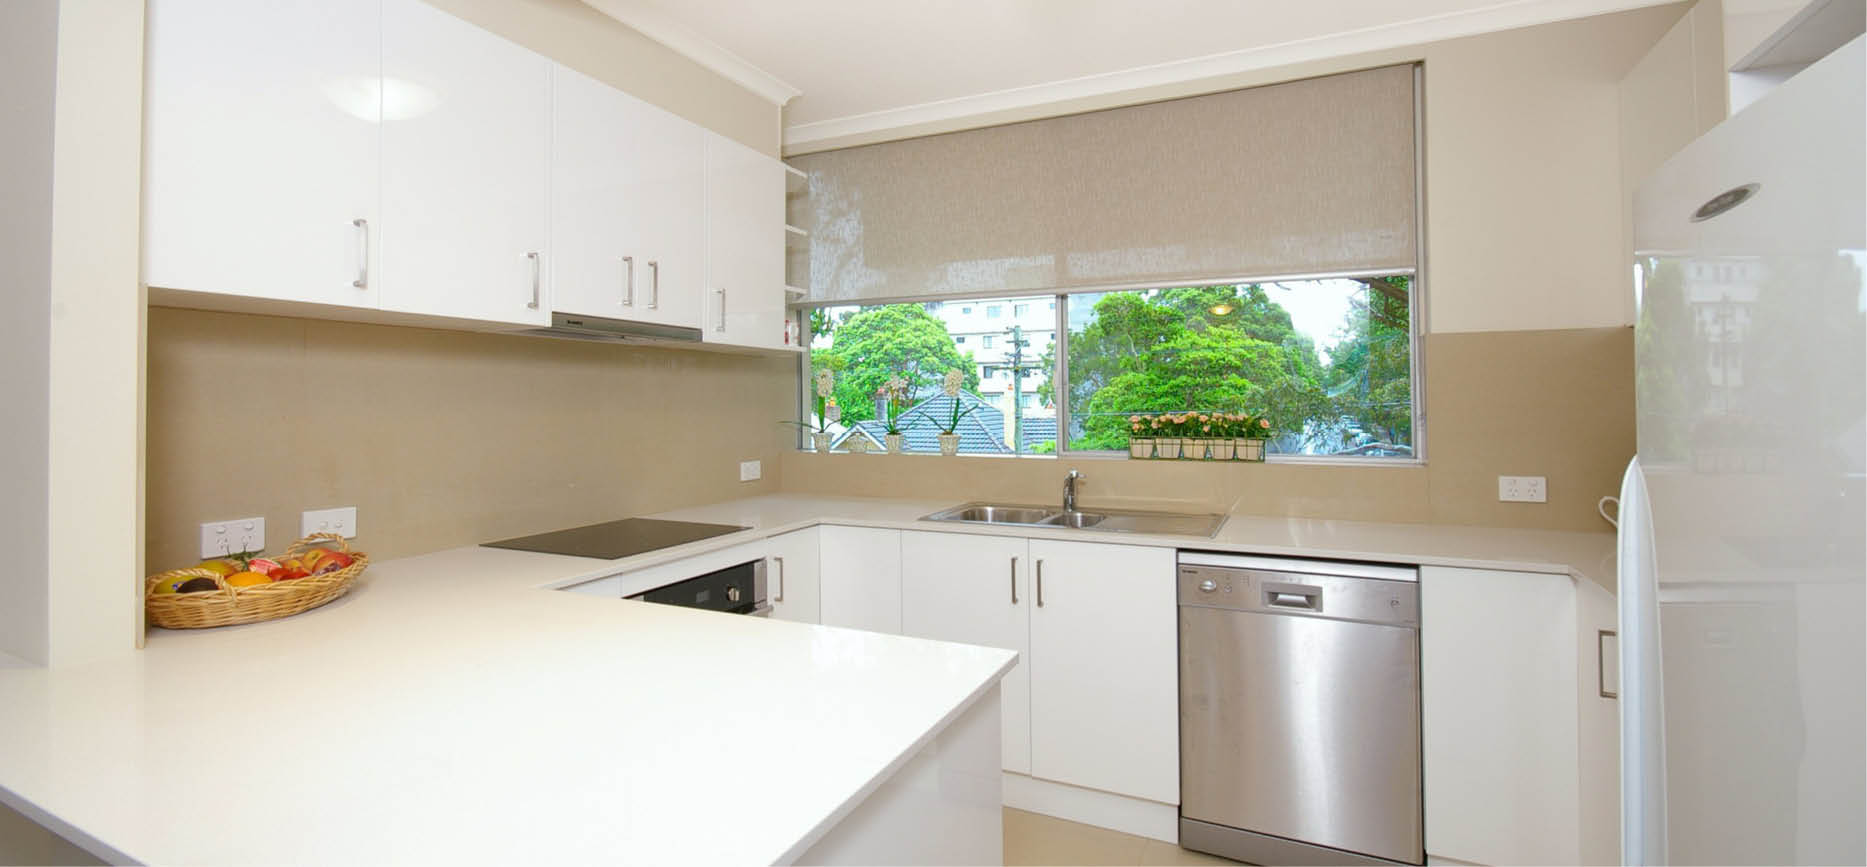 Wholesale kitchens sydney wollstonecraft custom made for Sydney custom kitchens